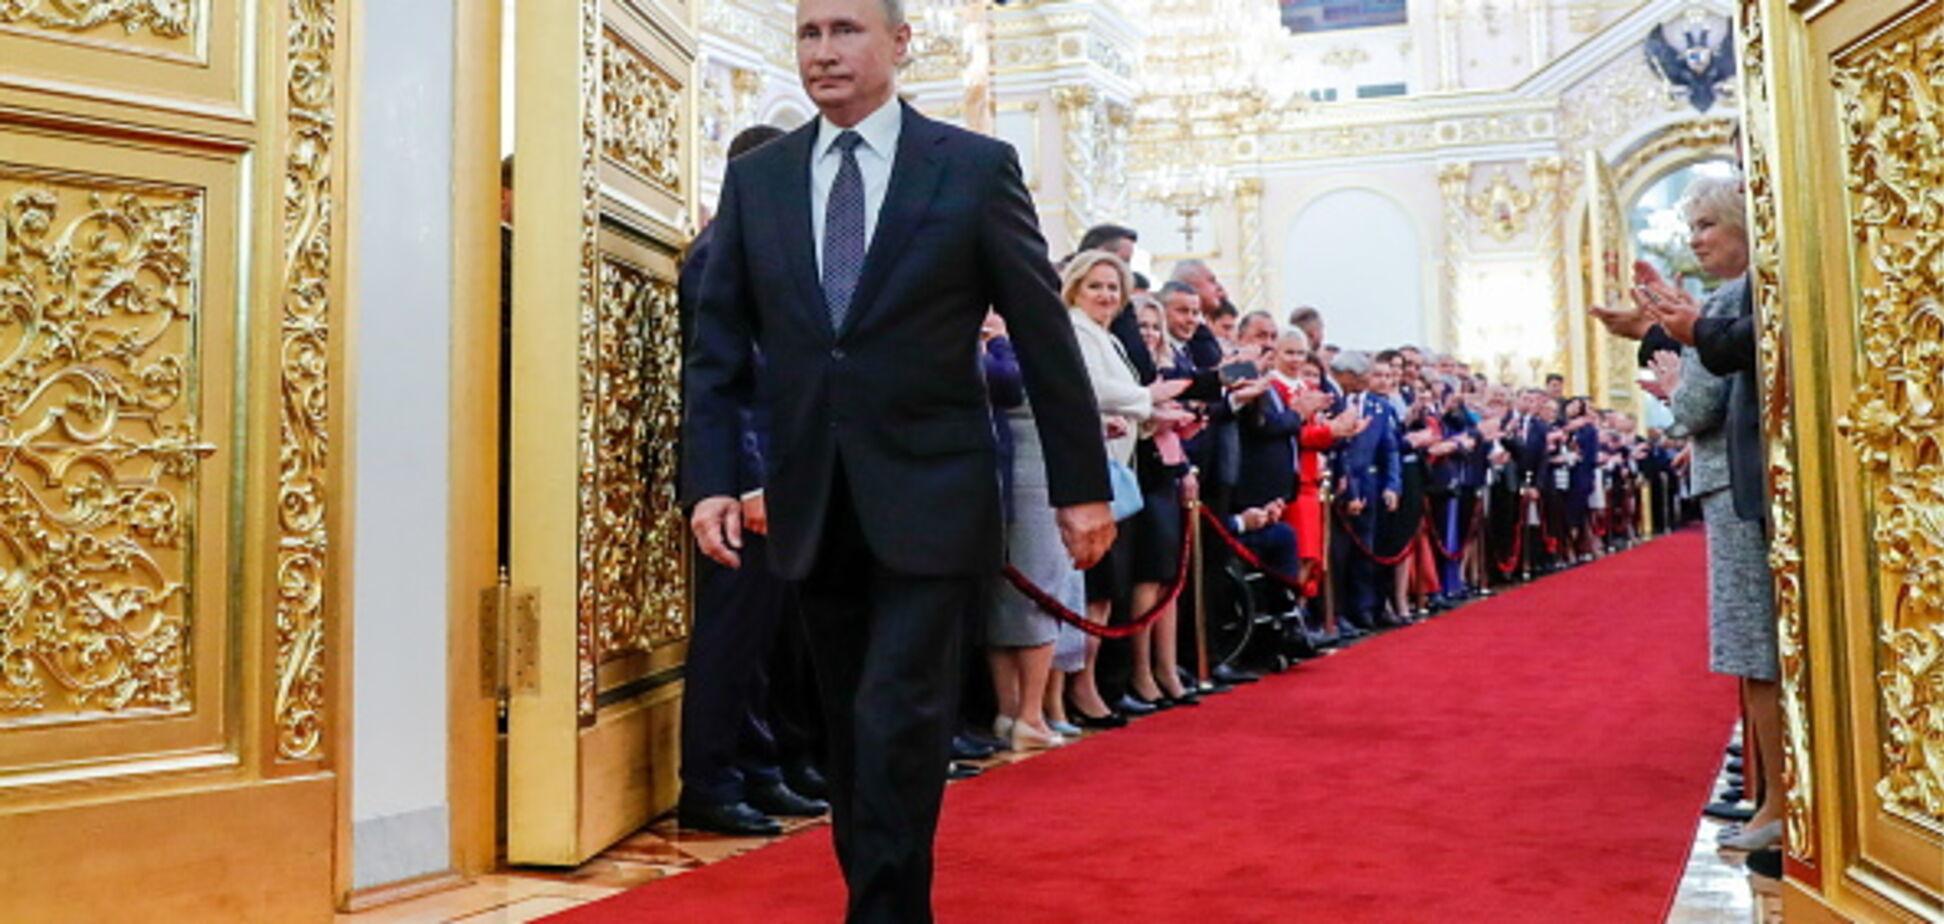 'Путін підвищить ставки': журналіст спрогнозував нове загострення